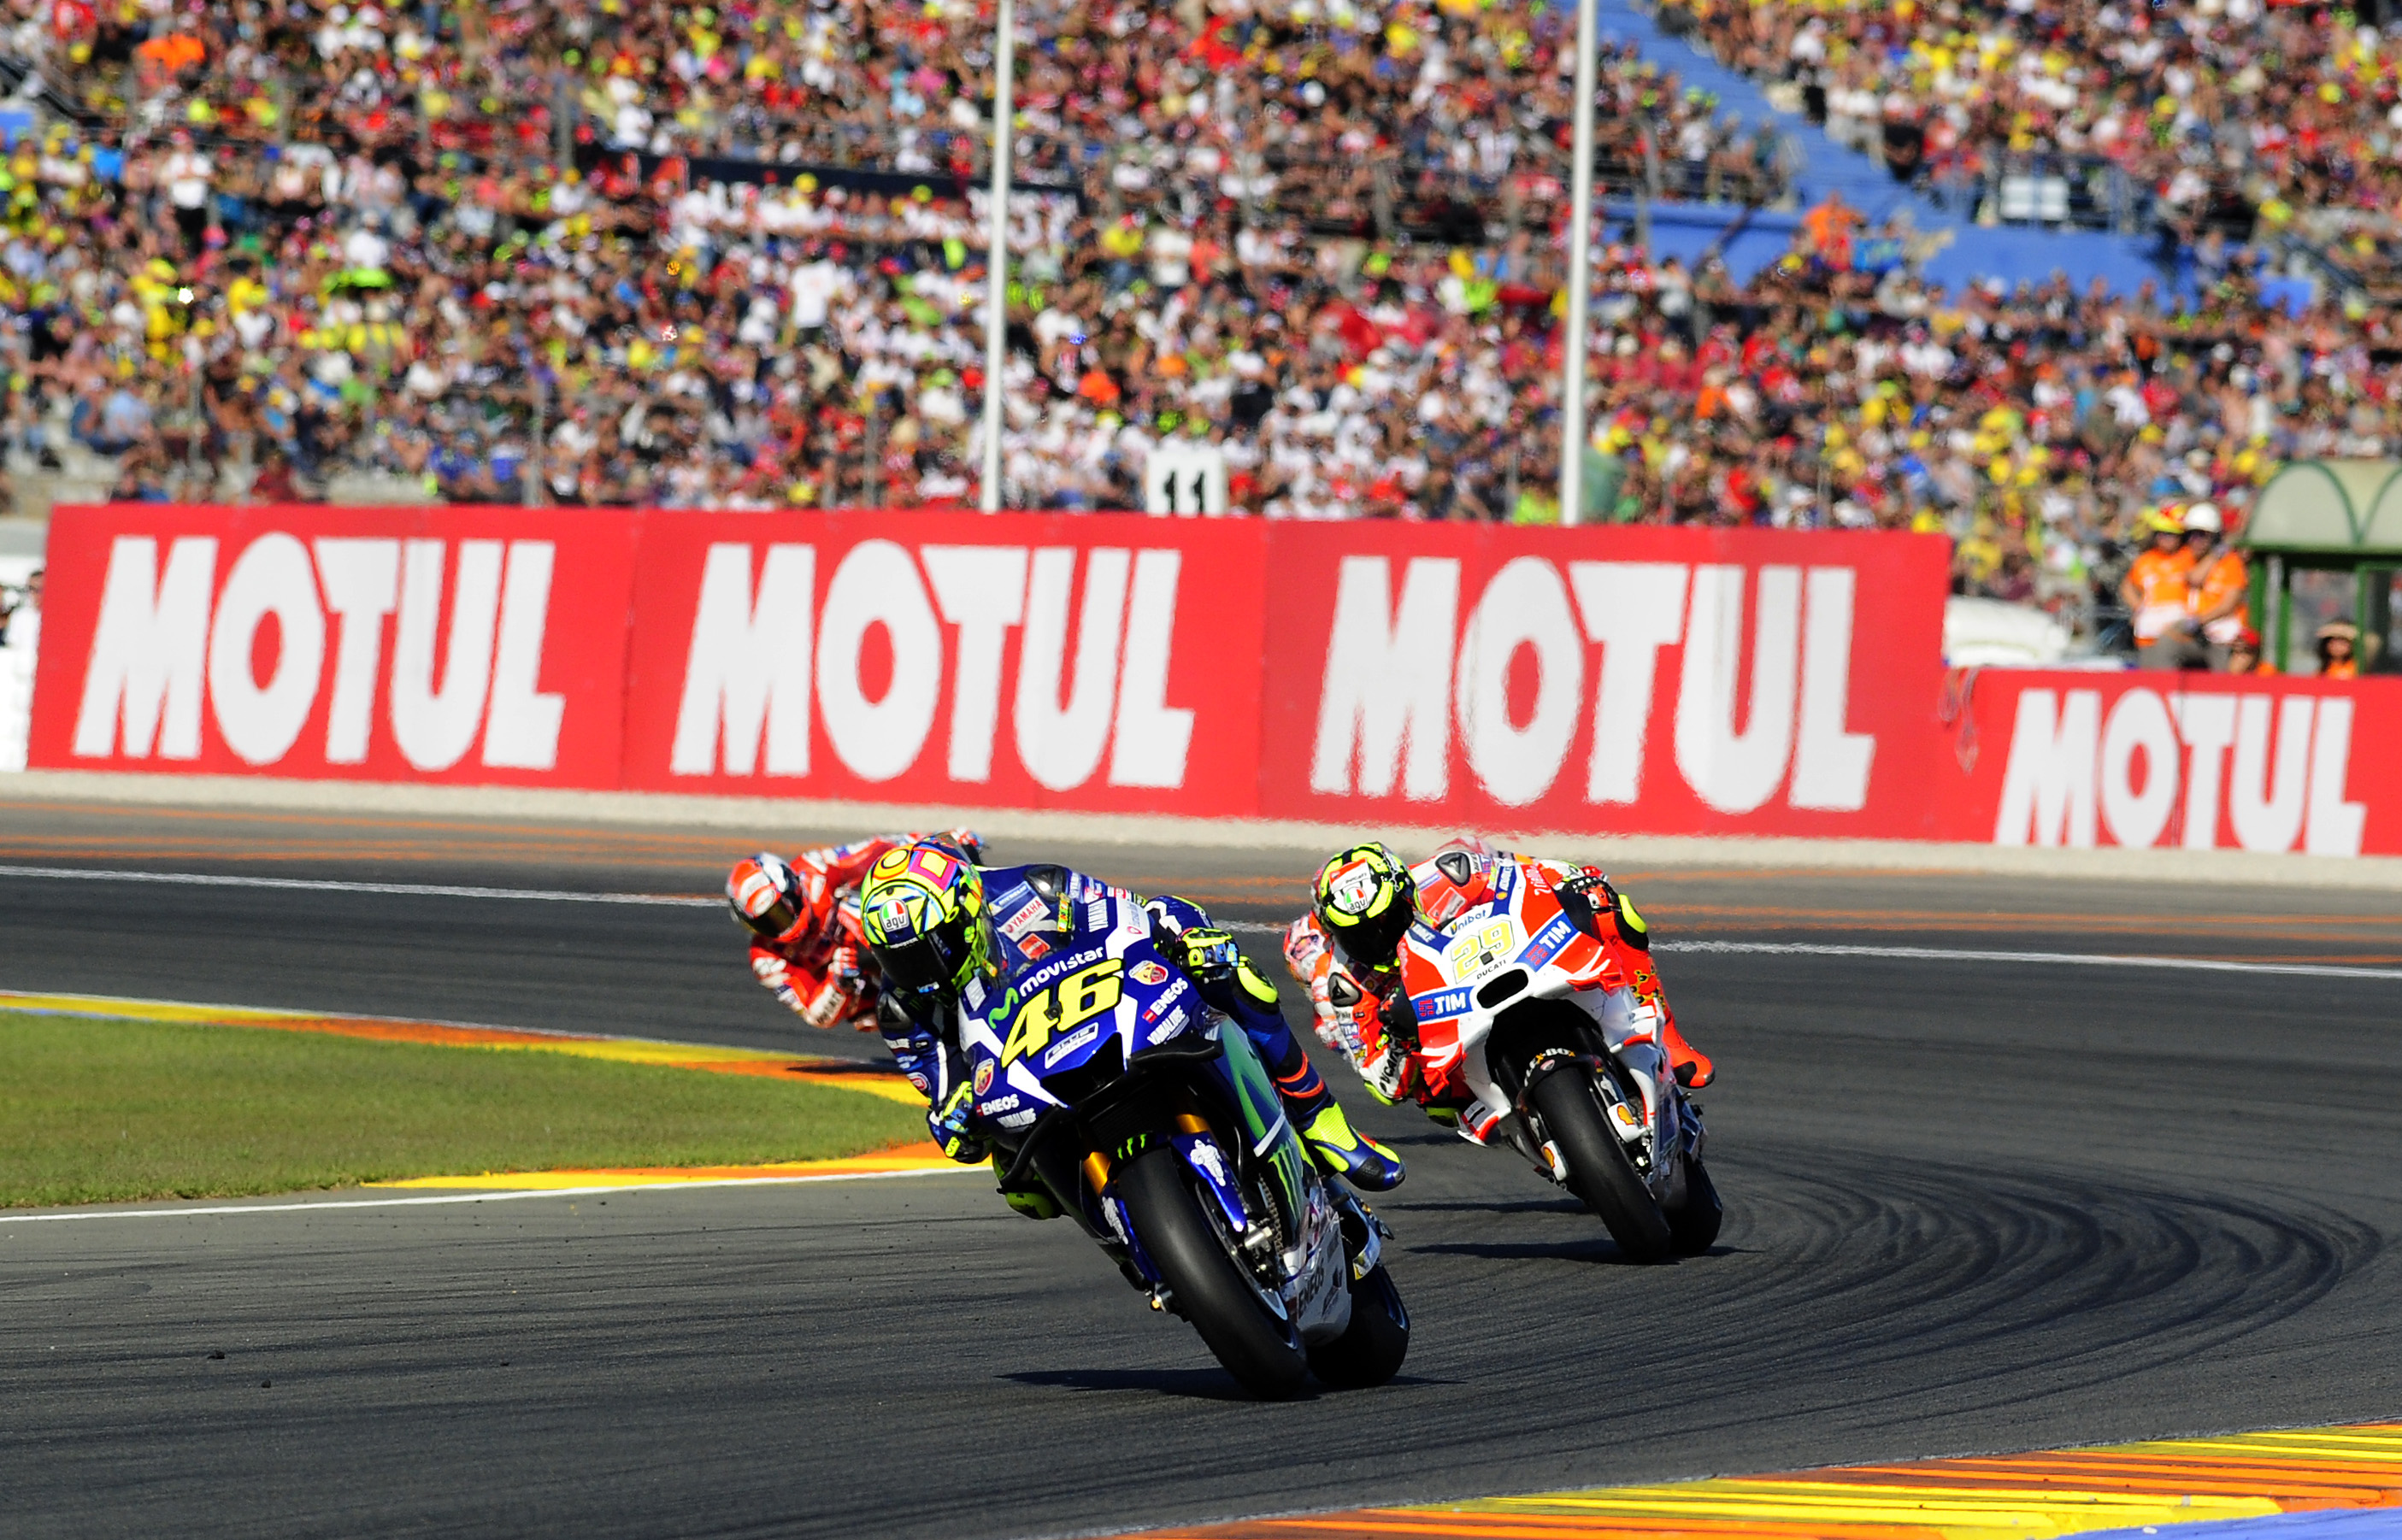 El Circuit Ricardo Tormo amplía su aforo para el Gran Premio Motul de la Comunitat  Valenciana – tucomarca.com